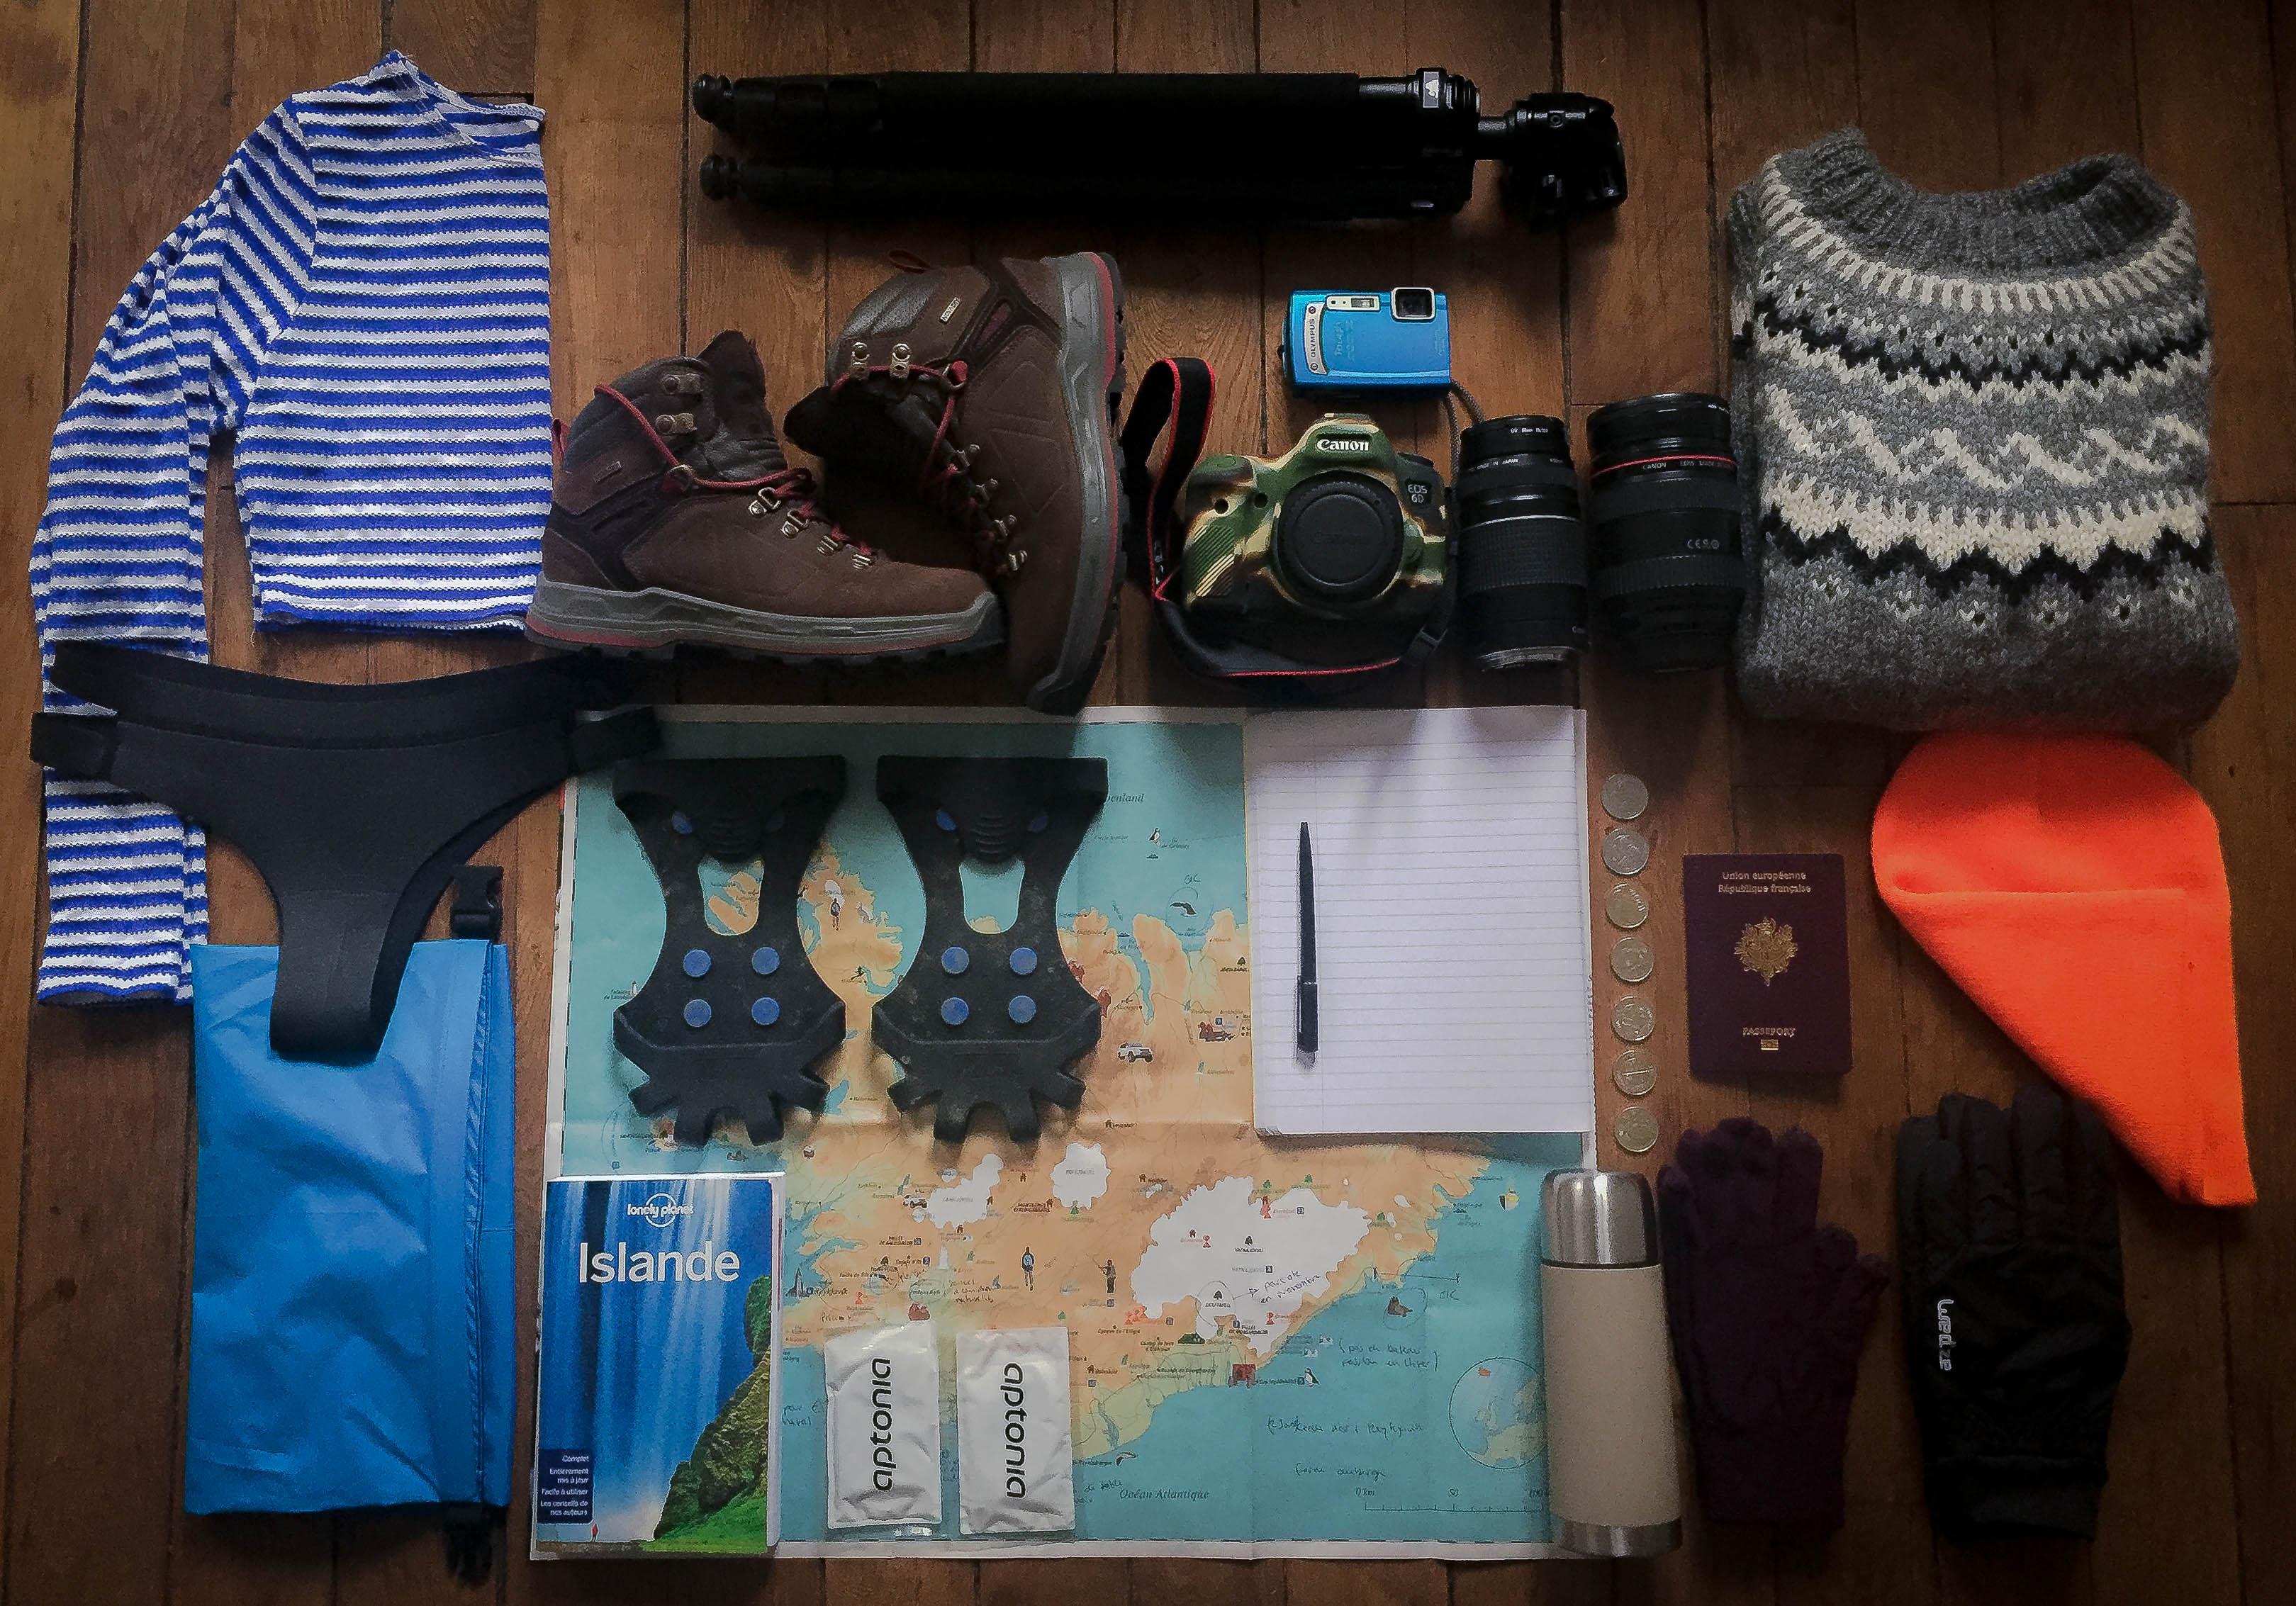 Iceland-Suitcase-TravelBlog